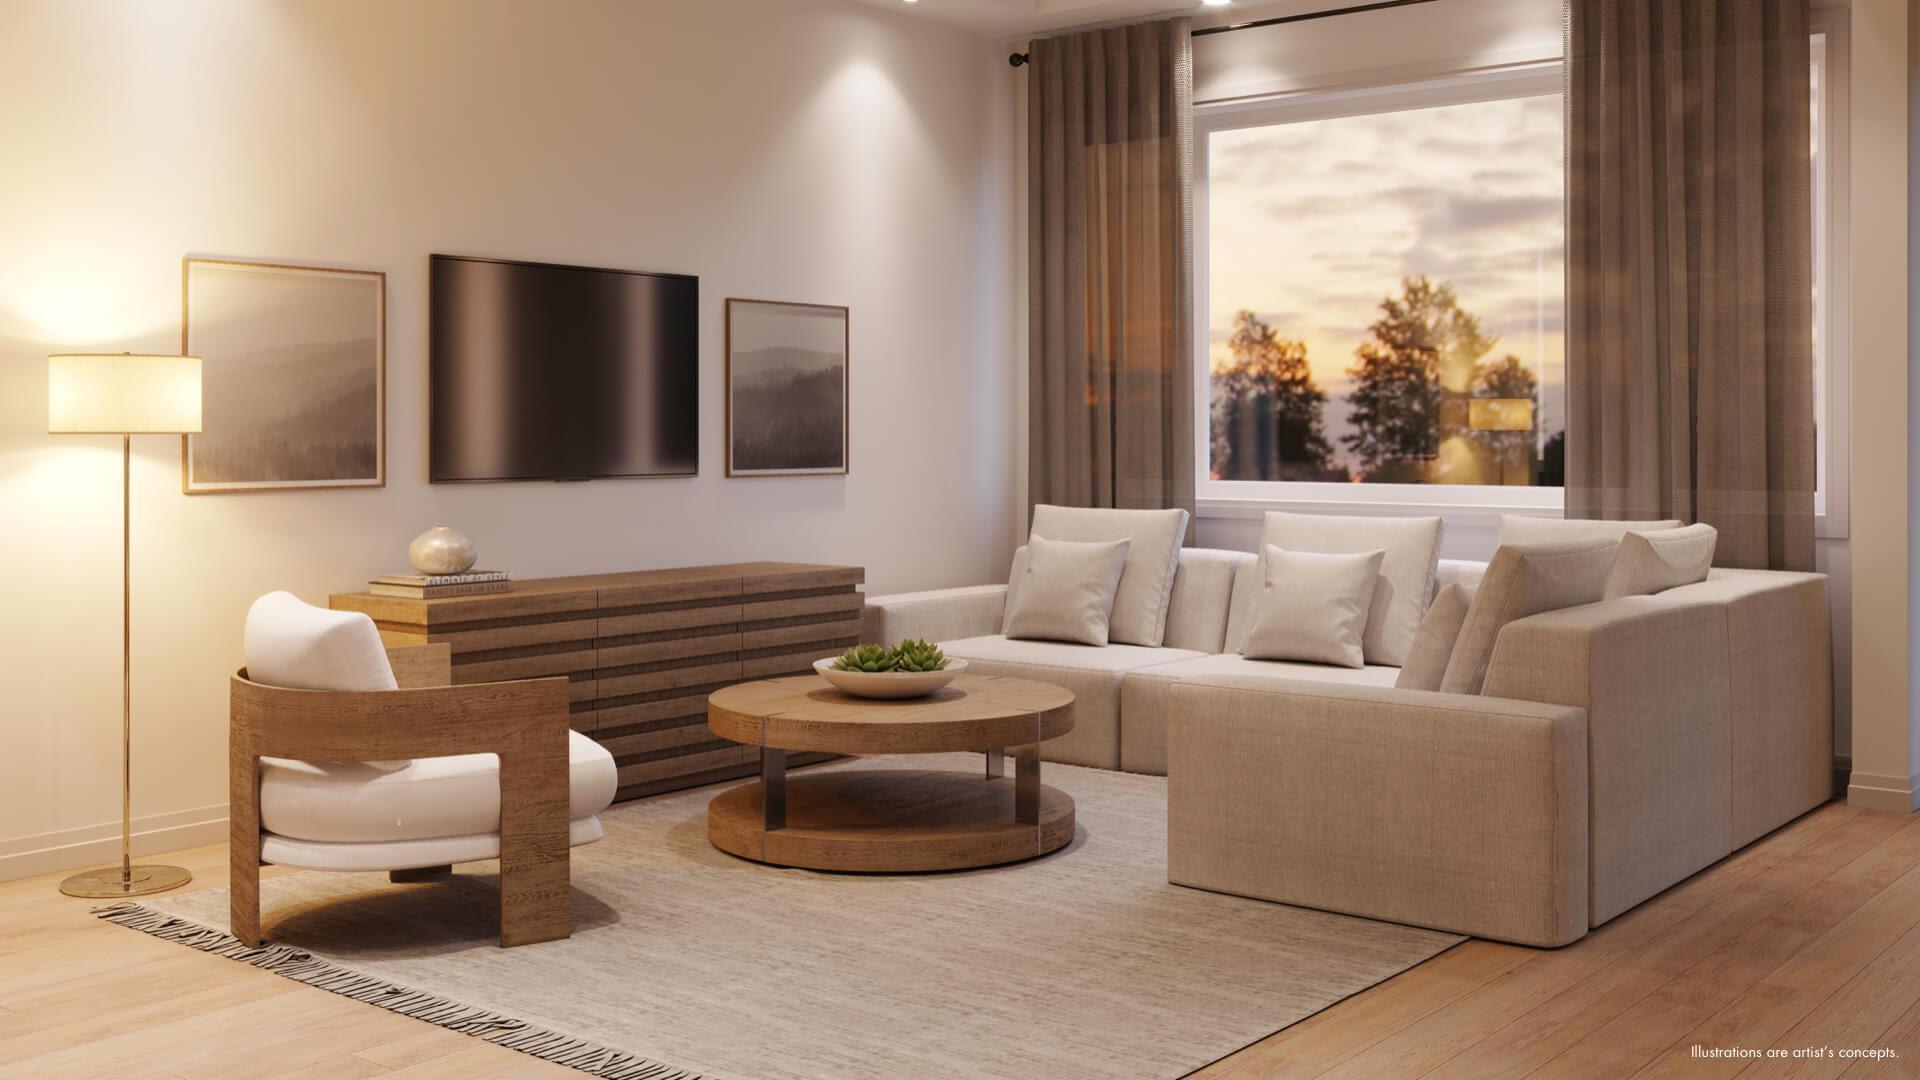 Cachet Mount Hope living room